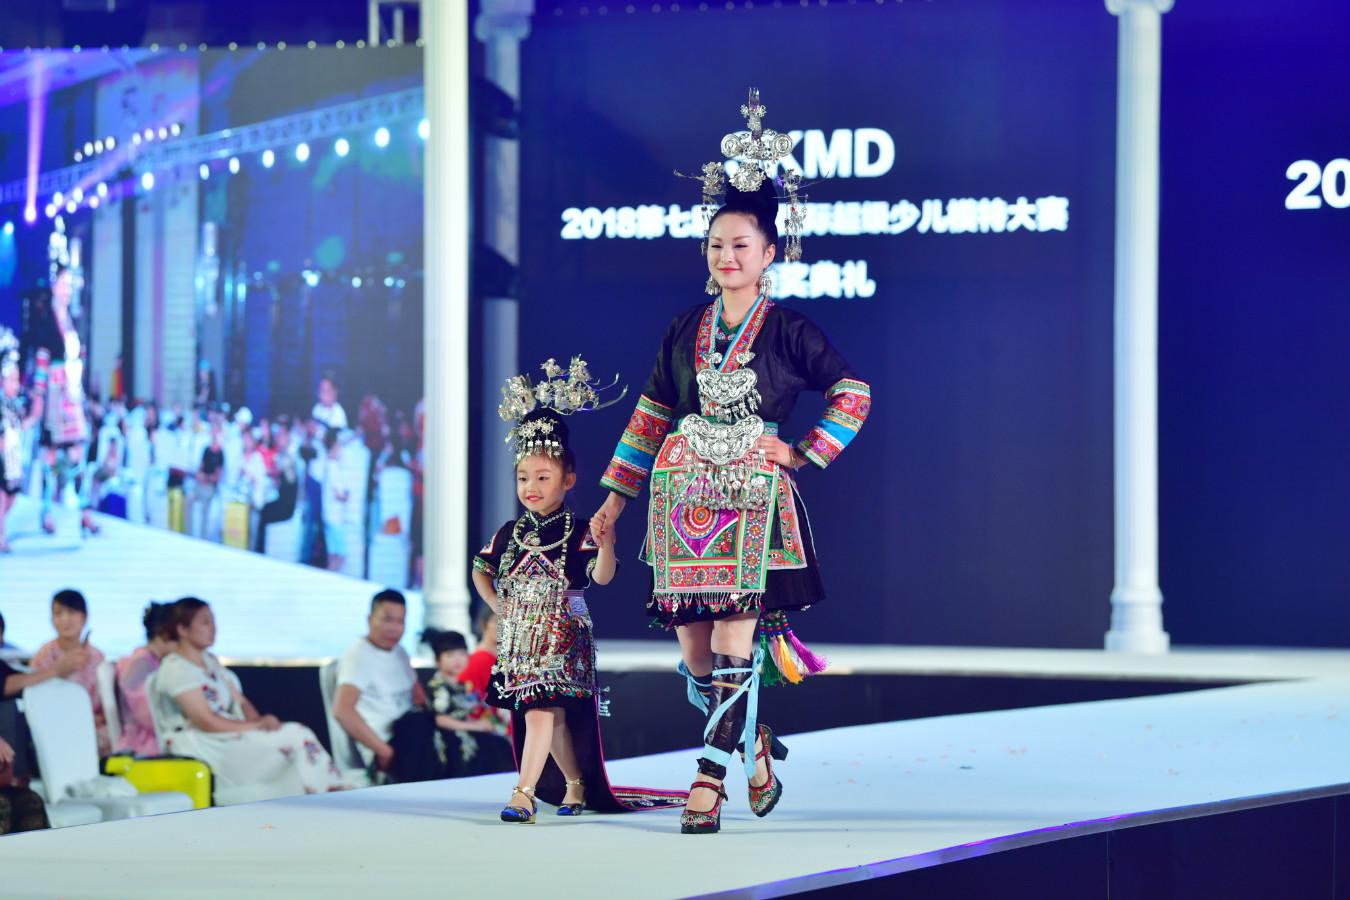 2018第七届skmd中国国际超级少儿模特大赛全国总决赛